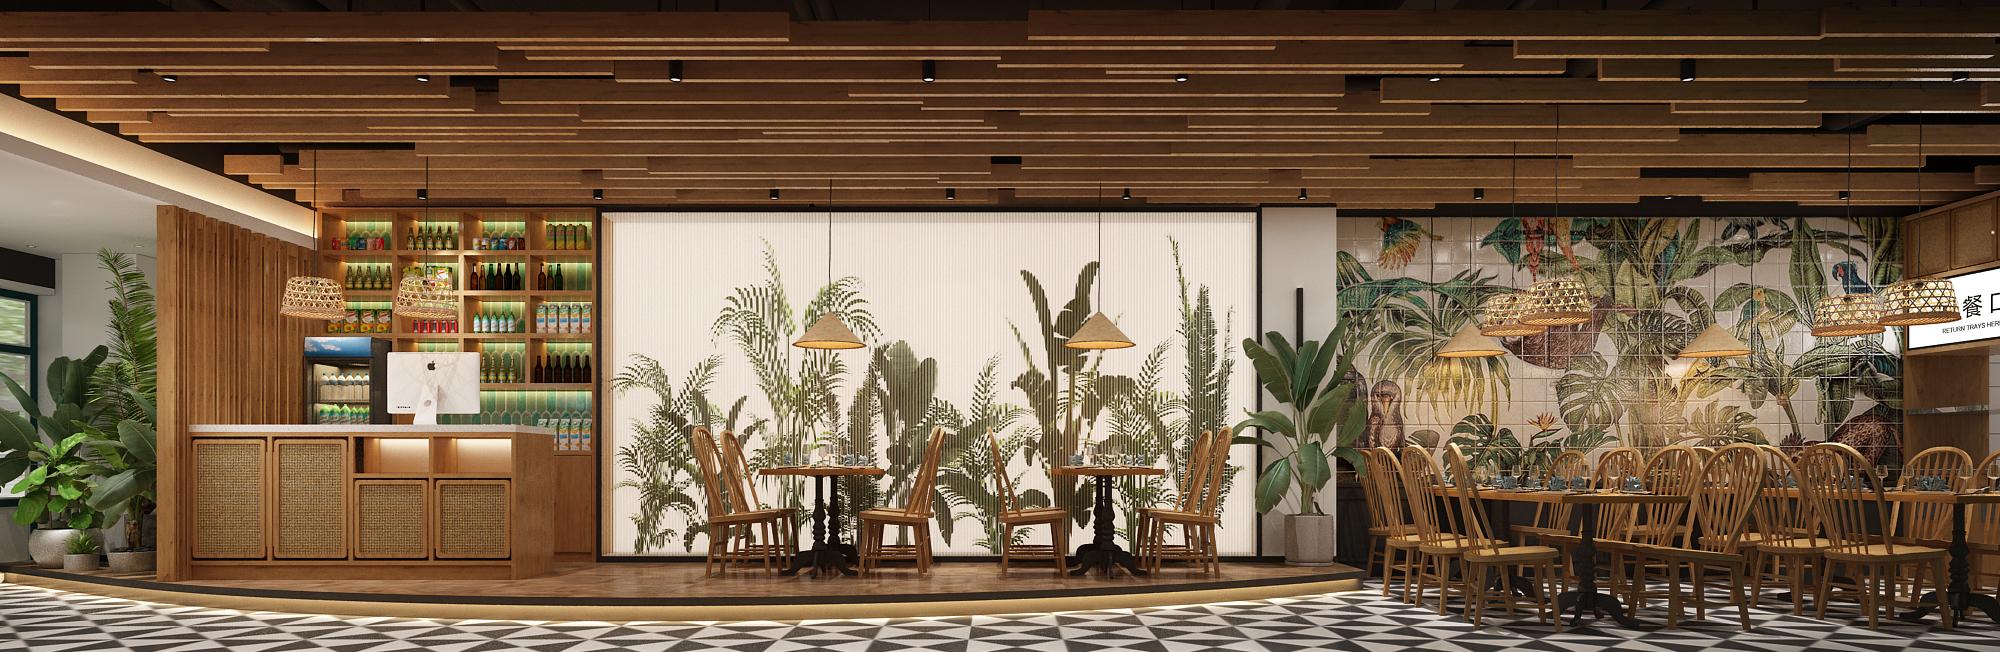 菲律宾快餐店设计